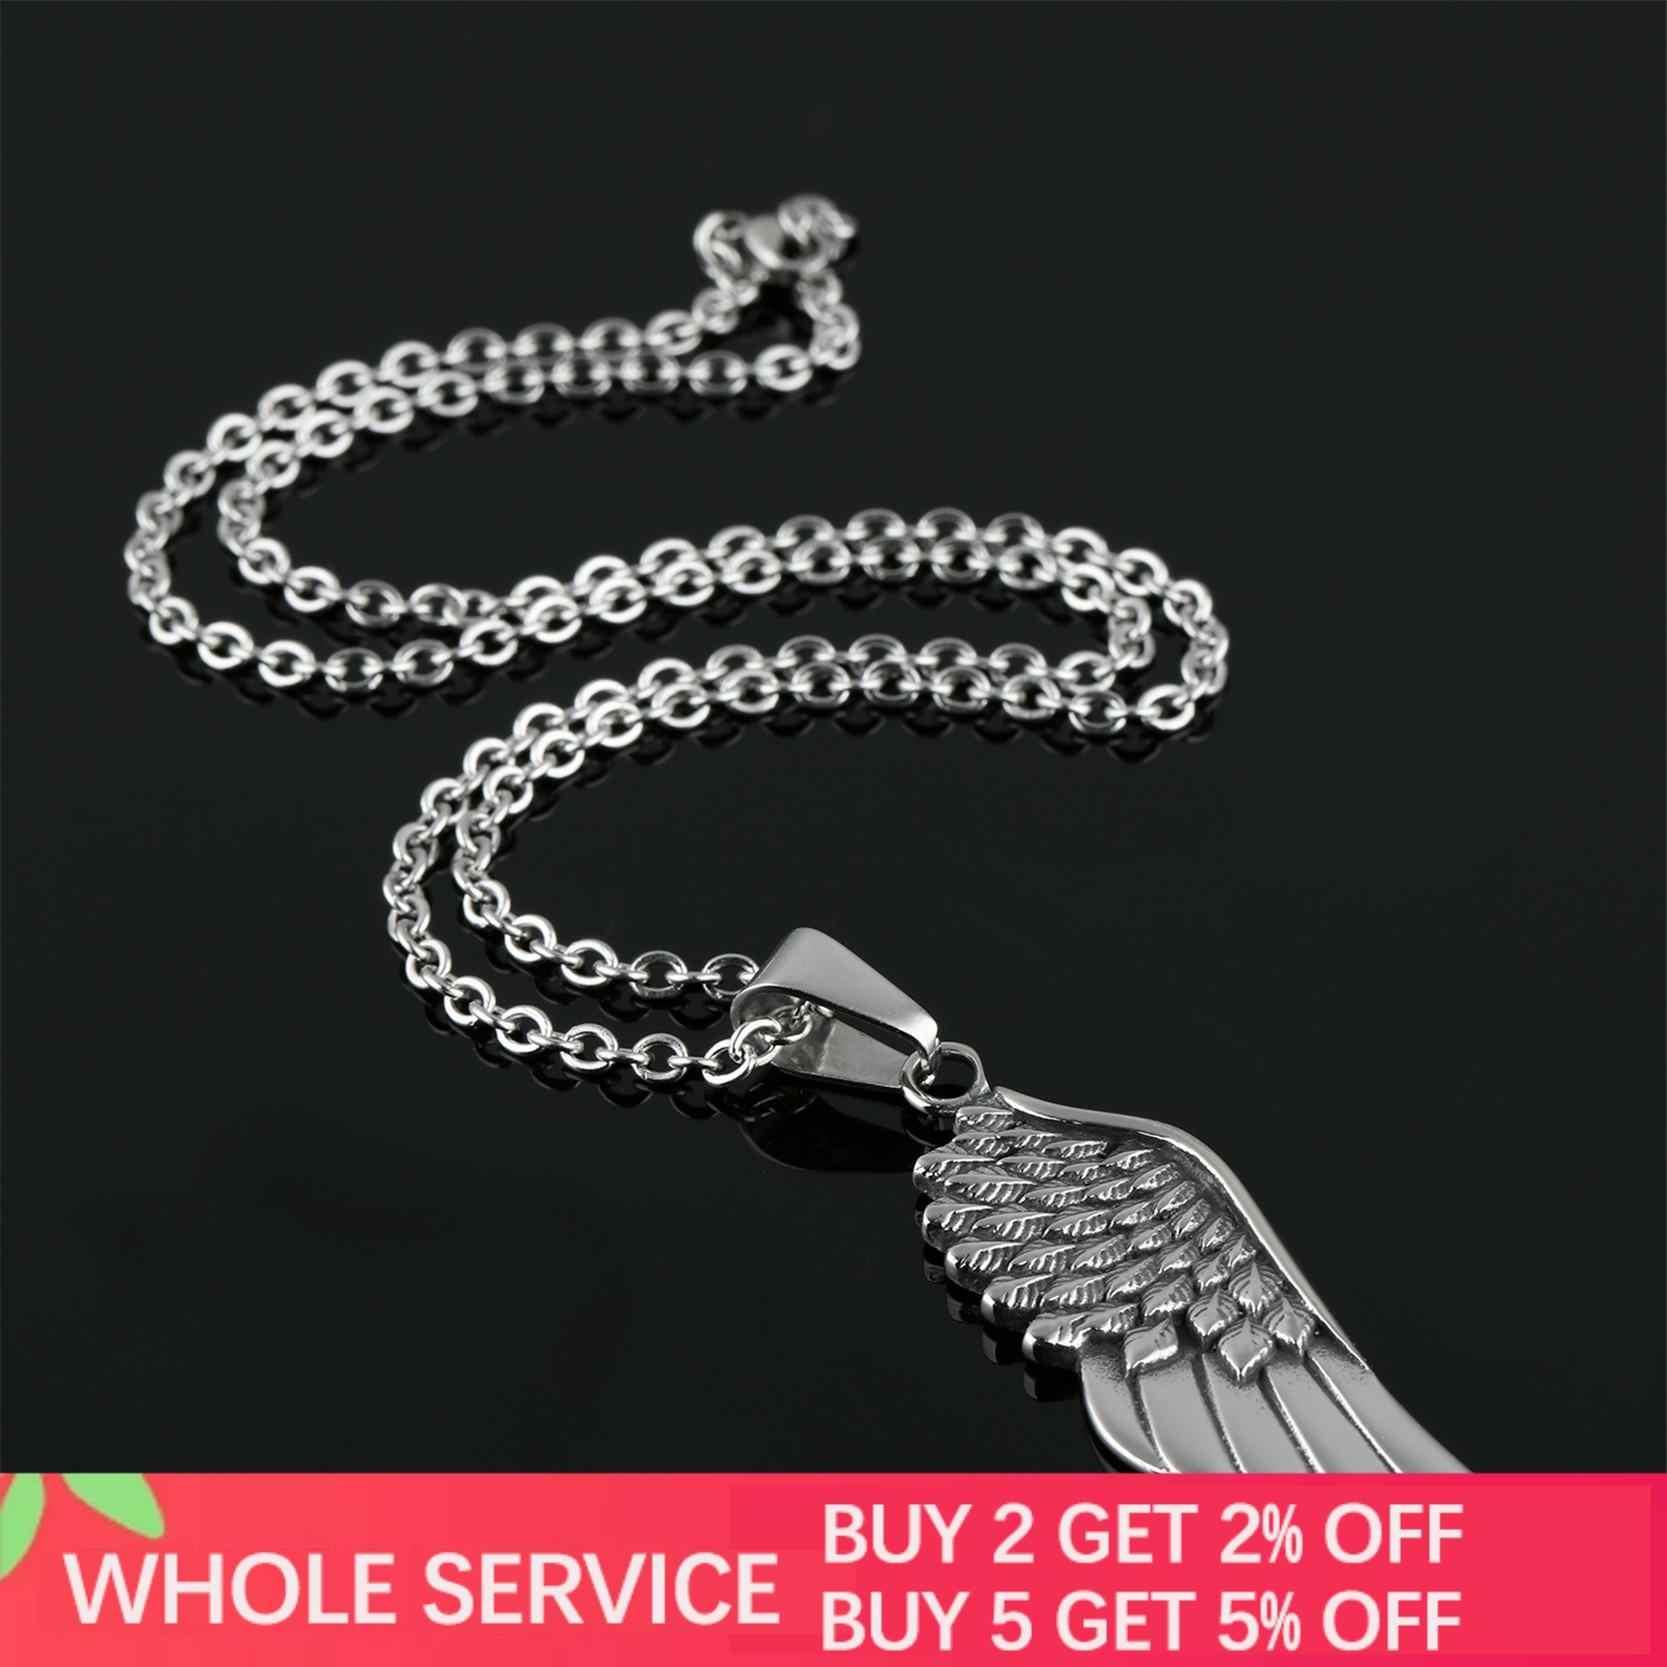 Jiayiqi-colliers pour hommes, pendentifs avec plumes d'ange plaqué argent, accessoires de bijouterie gothique, Vintage, en acier inoxydable